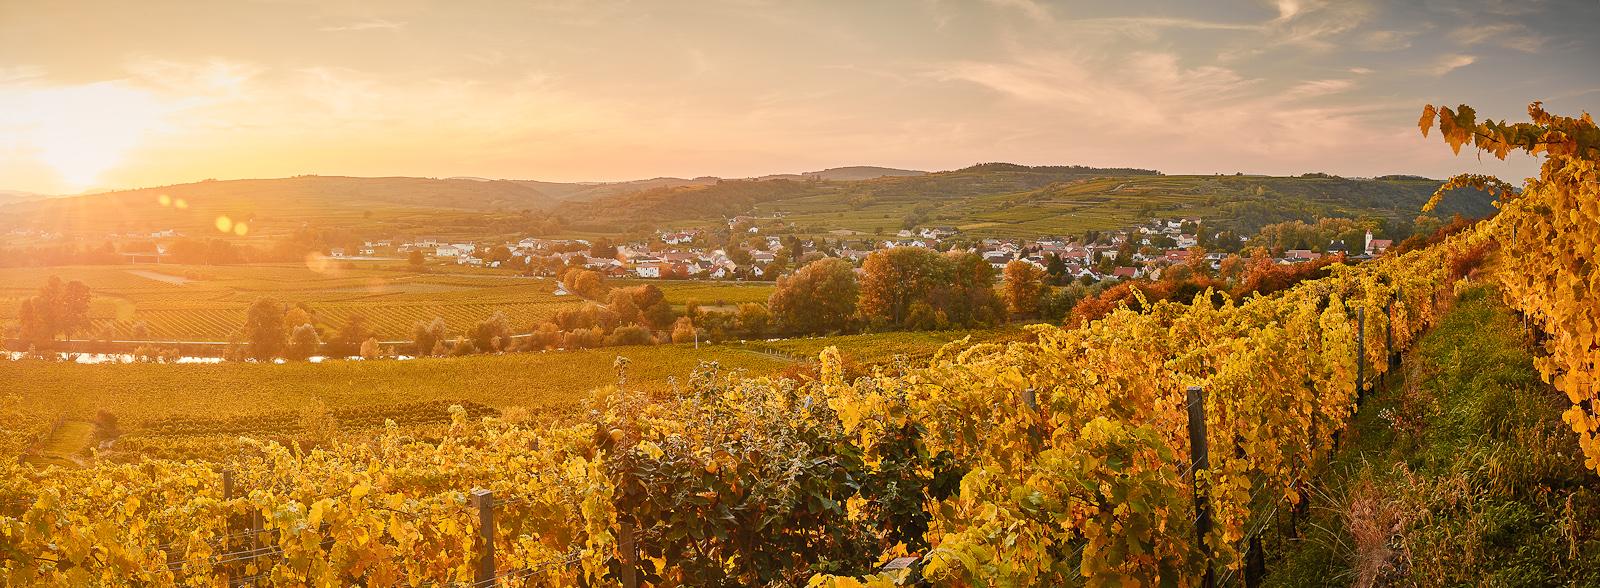 Ohne Übertreibung darf behauptet werden, dass im Weinbaugebiet rund um Langenlois, Zöbing und Schönberg Weißweine gekeltert werden, die zu den besten der Welt gehören. (Foto: Michael Liebert)